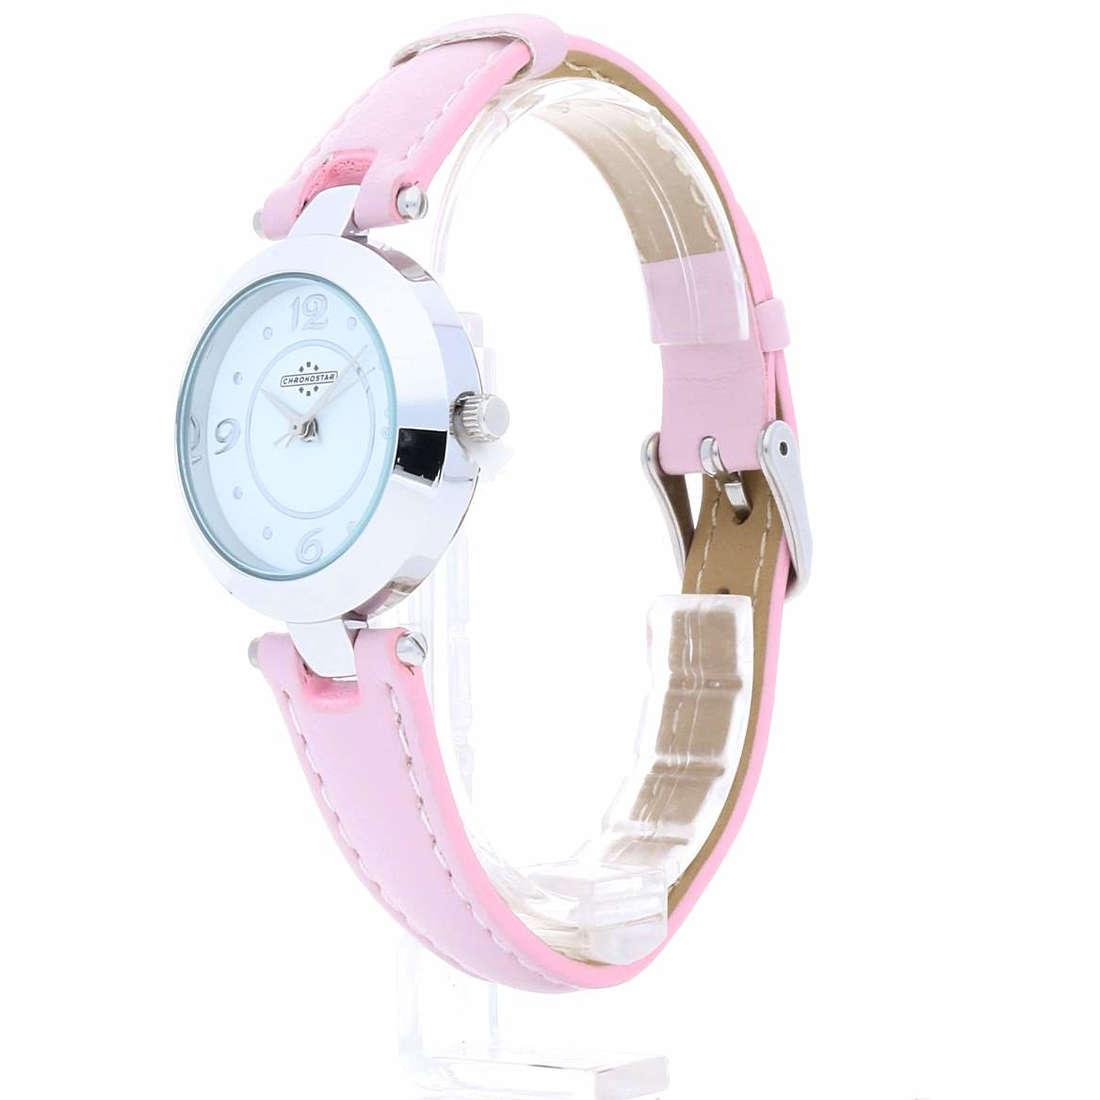 vendita montres femme Chronostar R3751243509